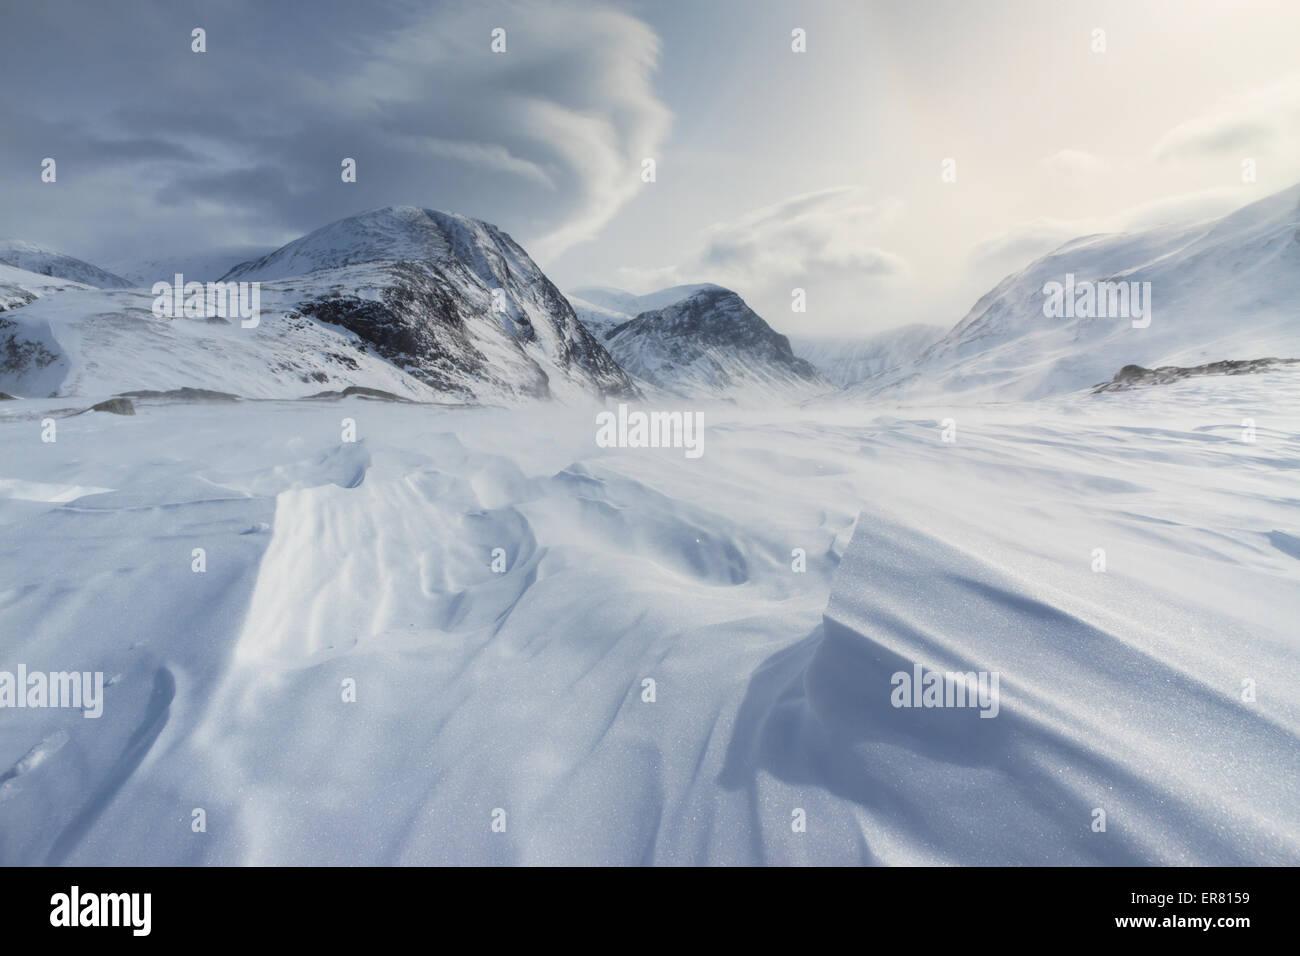 Les vents qui soufflent sur la neige de l'Arctique en Suède. Photo Stock